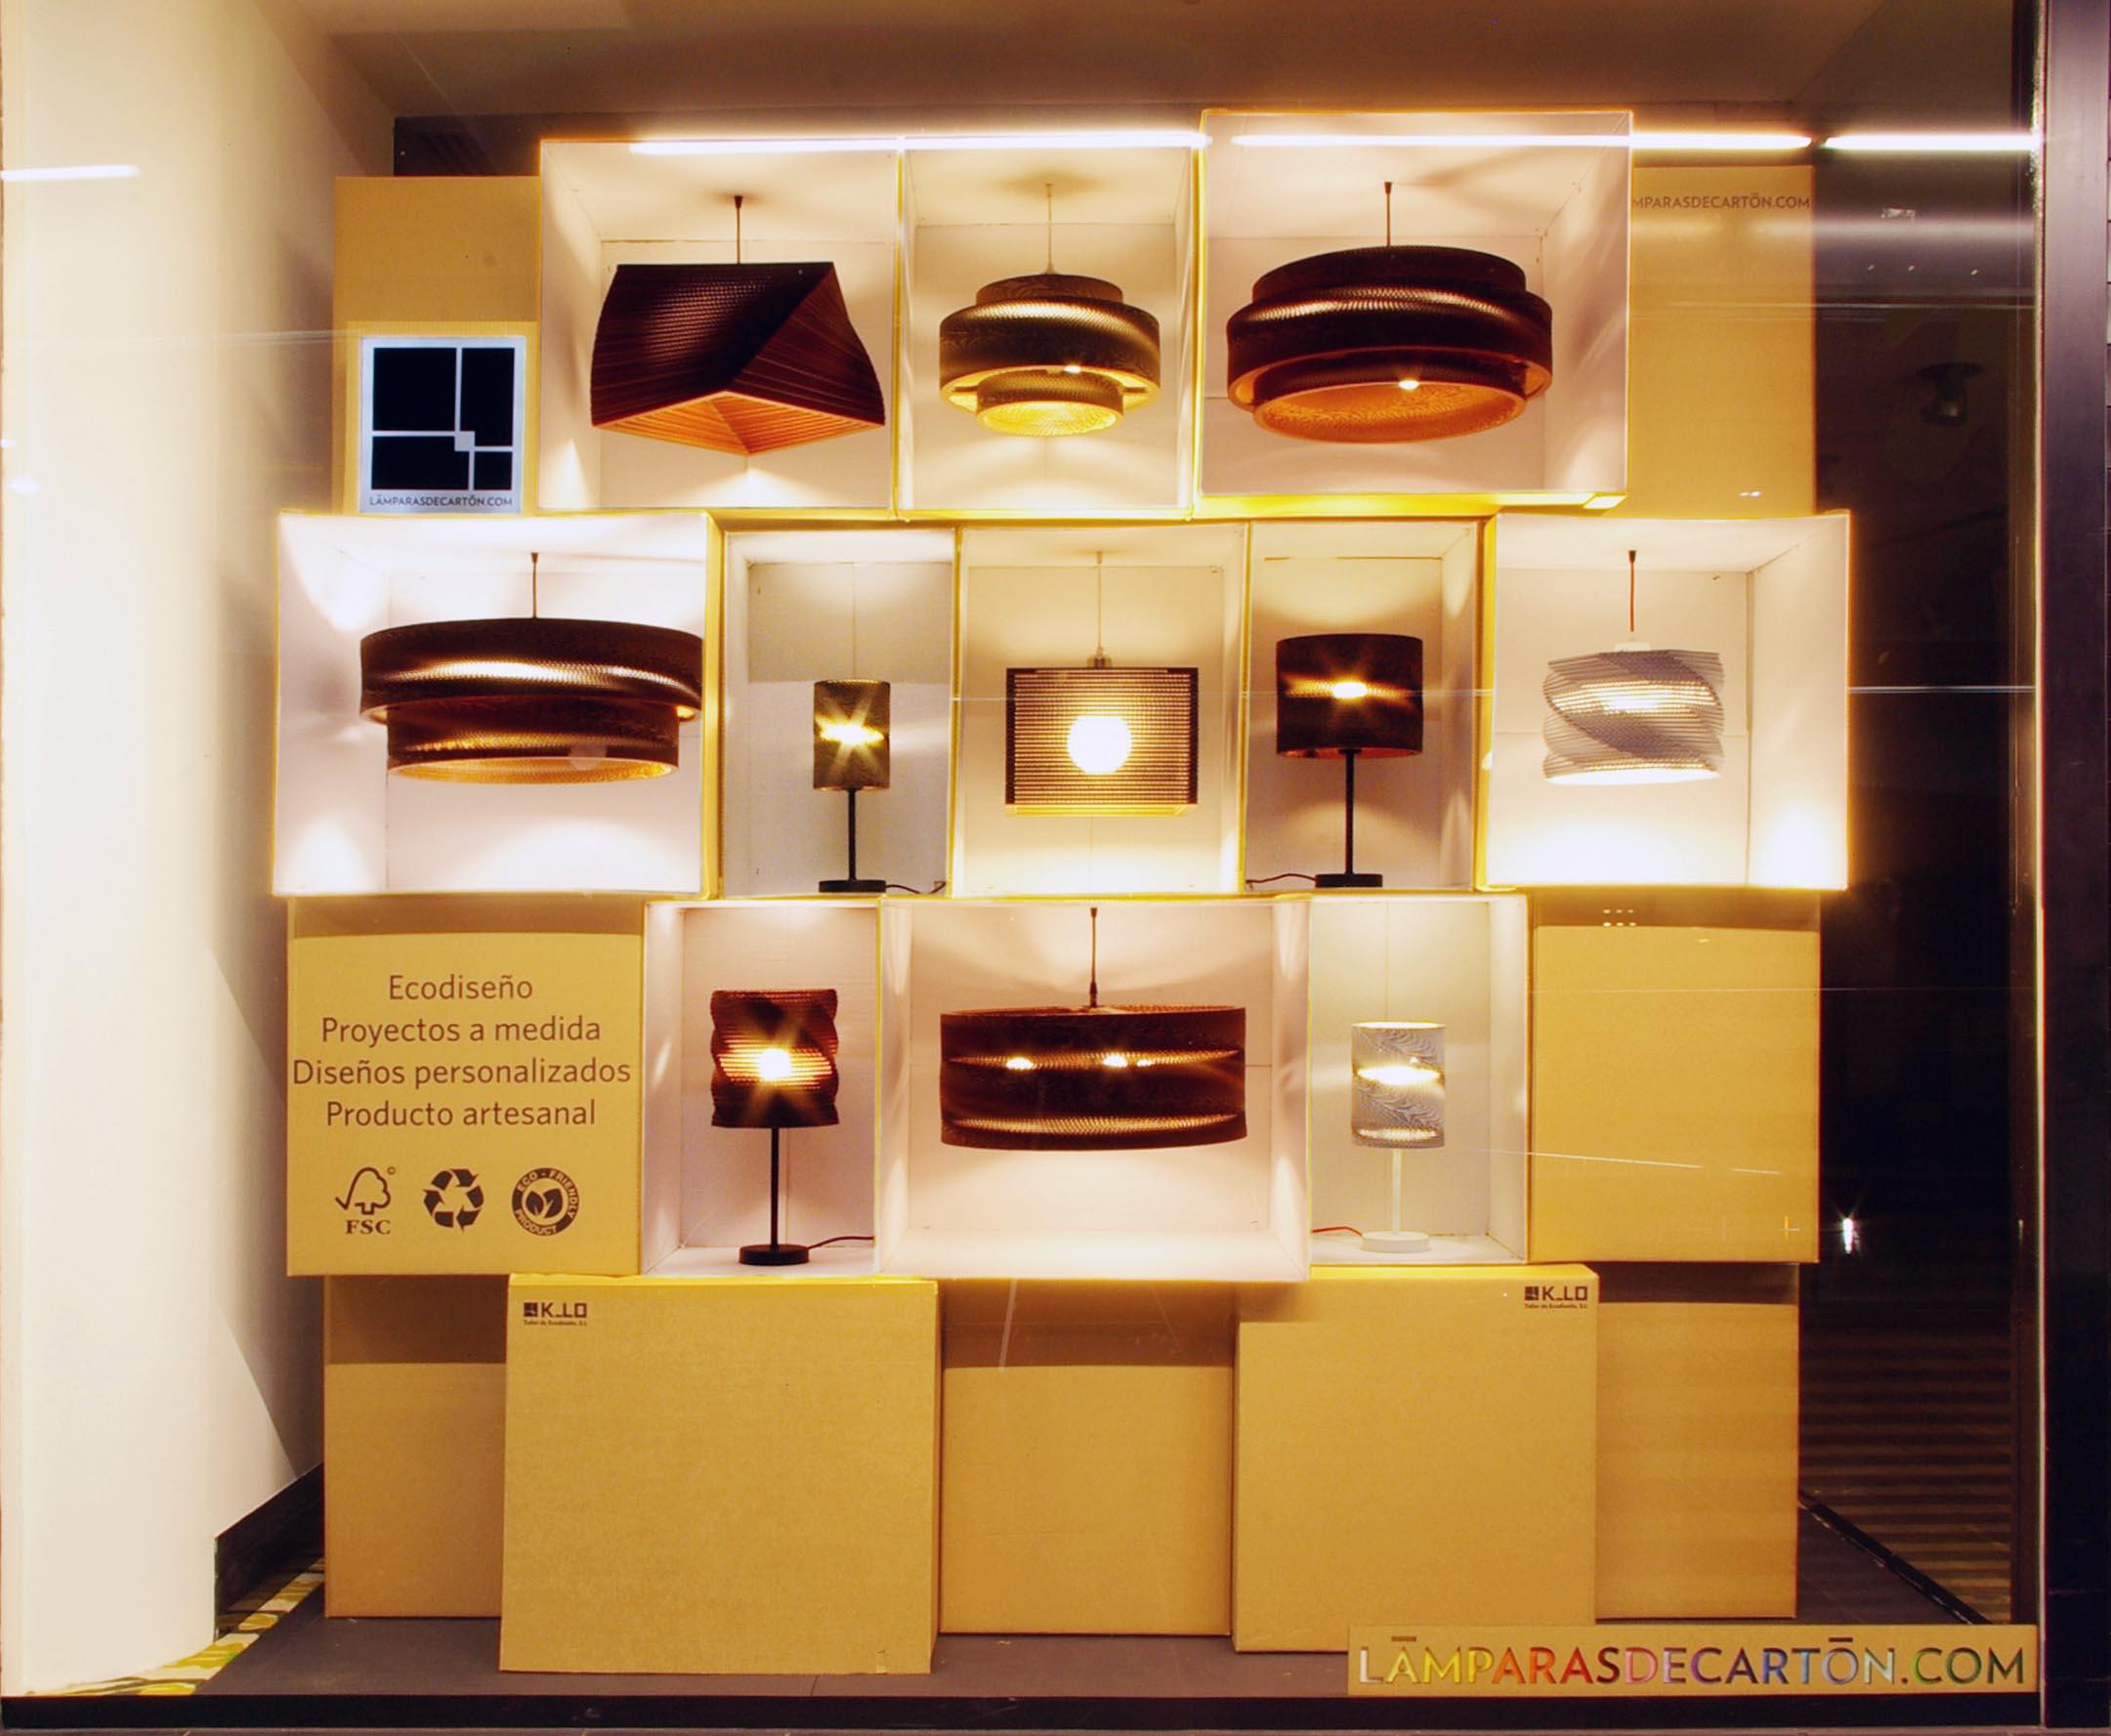 Muebles mayo nigran obtenga ideas dise o de muebles para for Muebles para escaparates